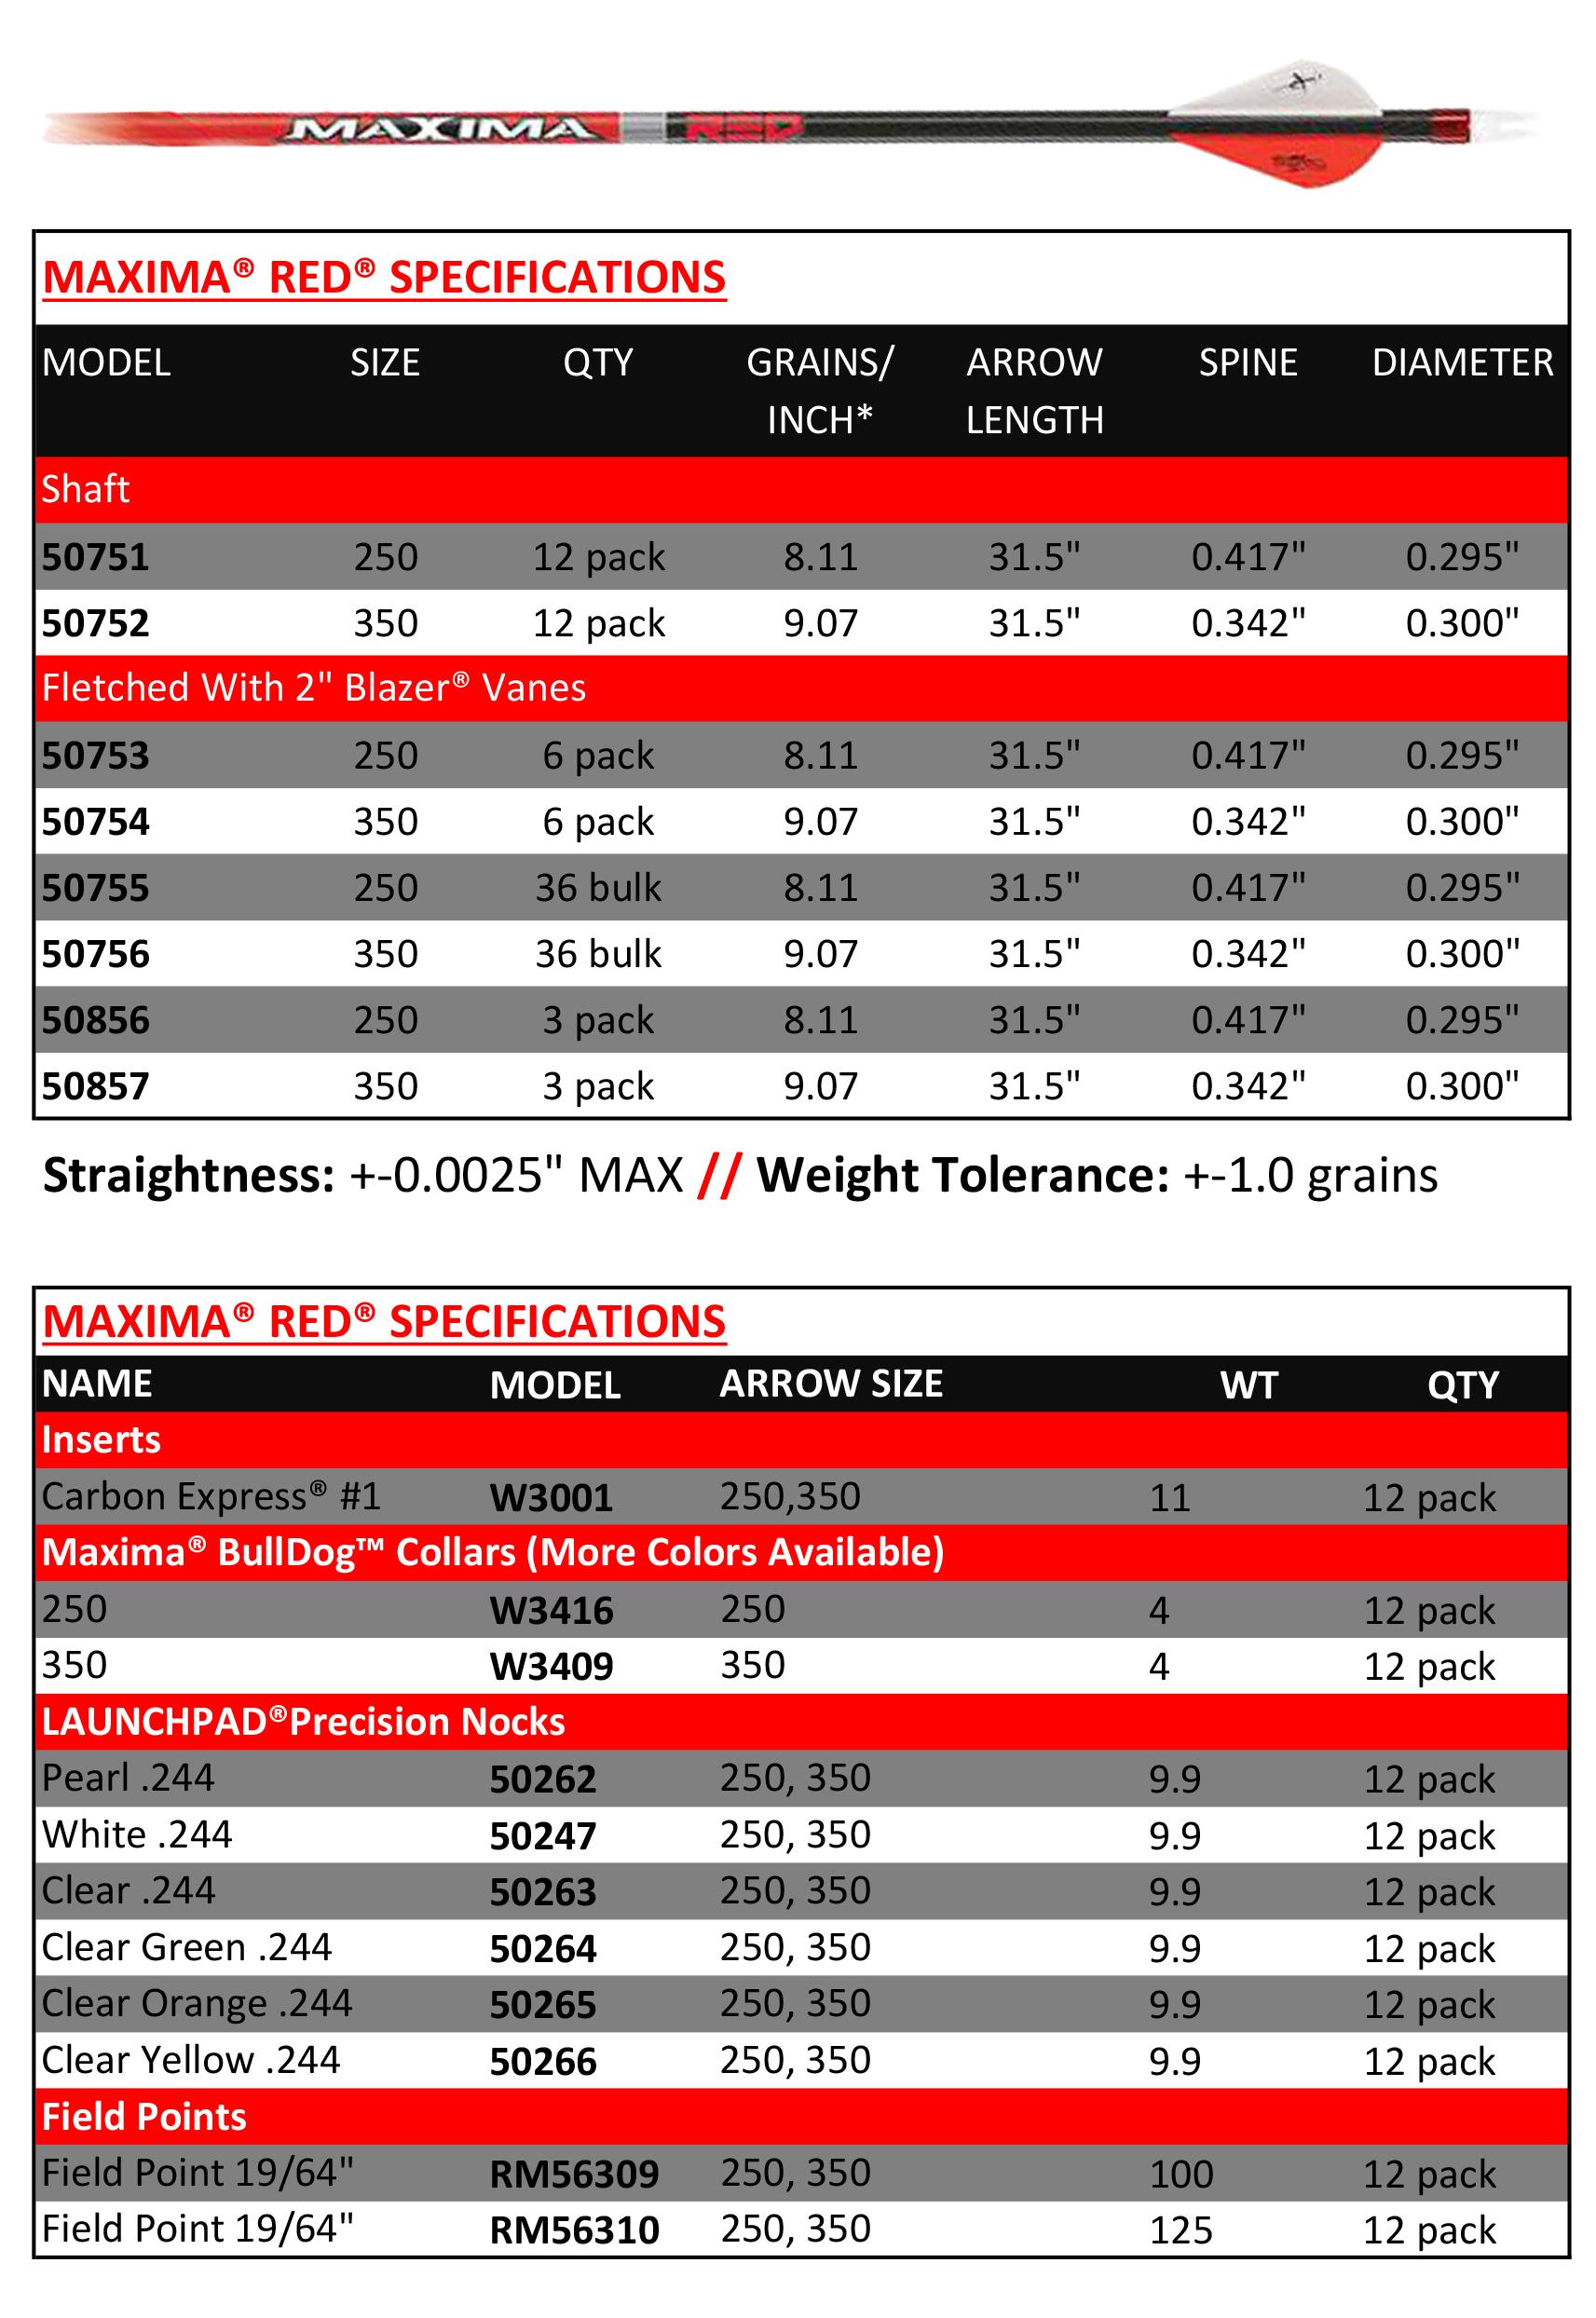 cx-maxima-red-chart.jpg